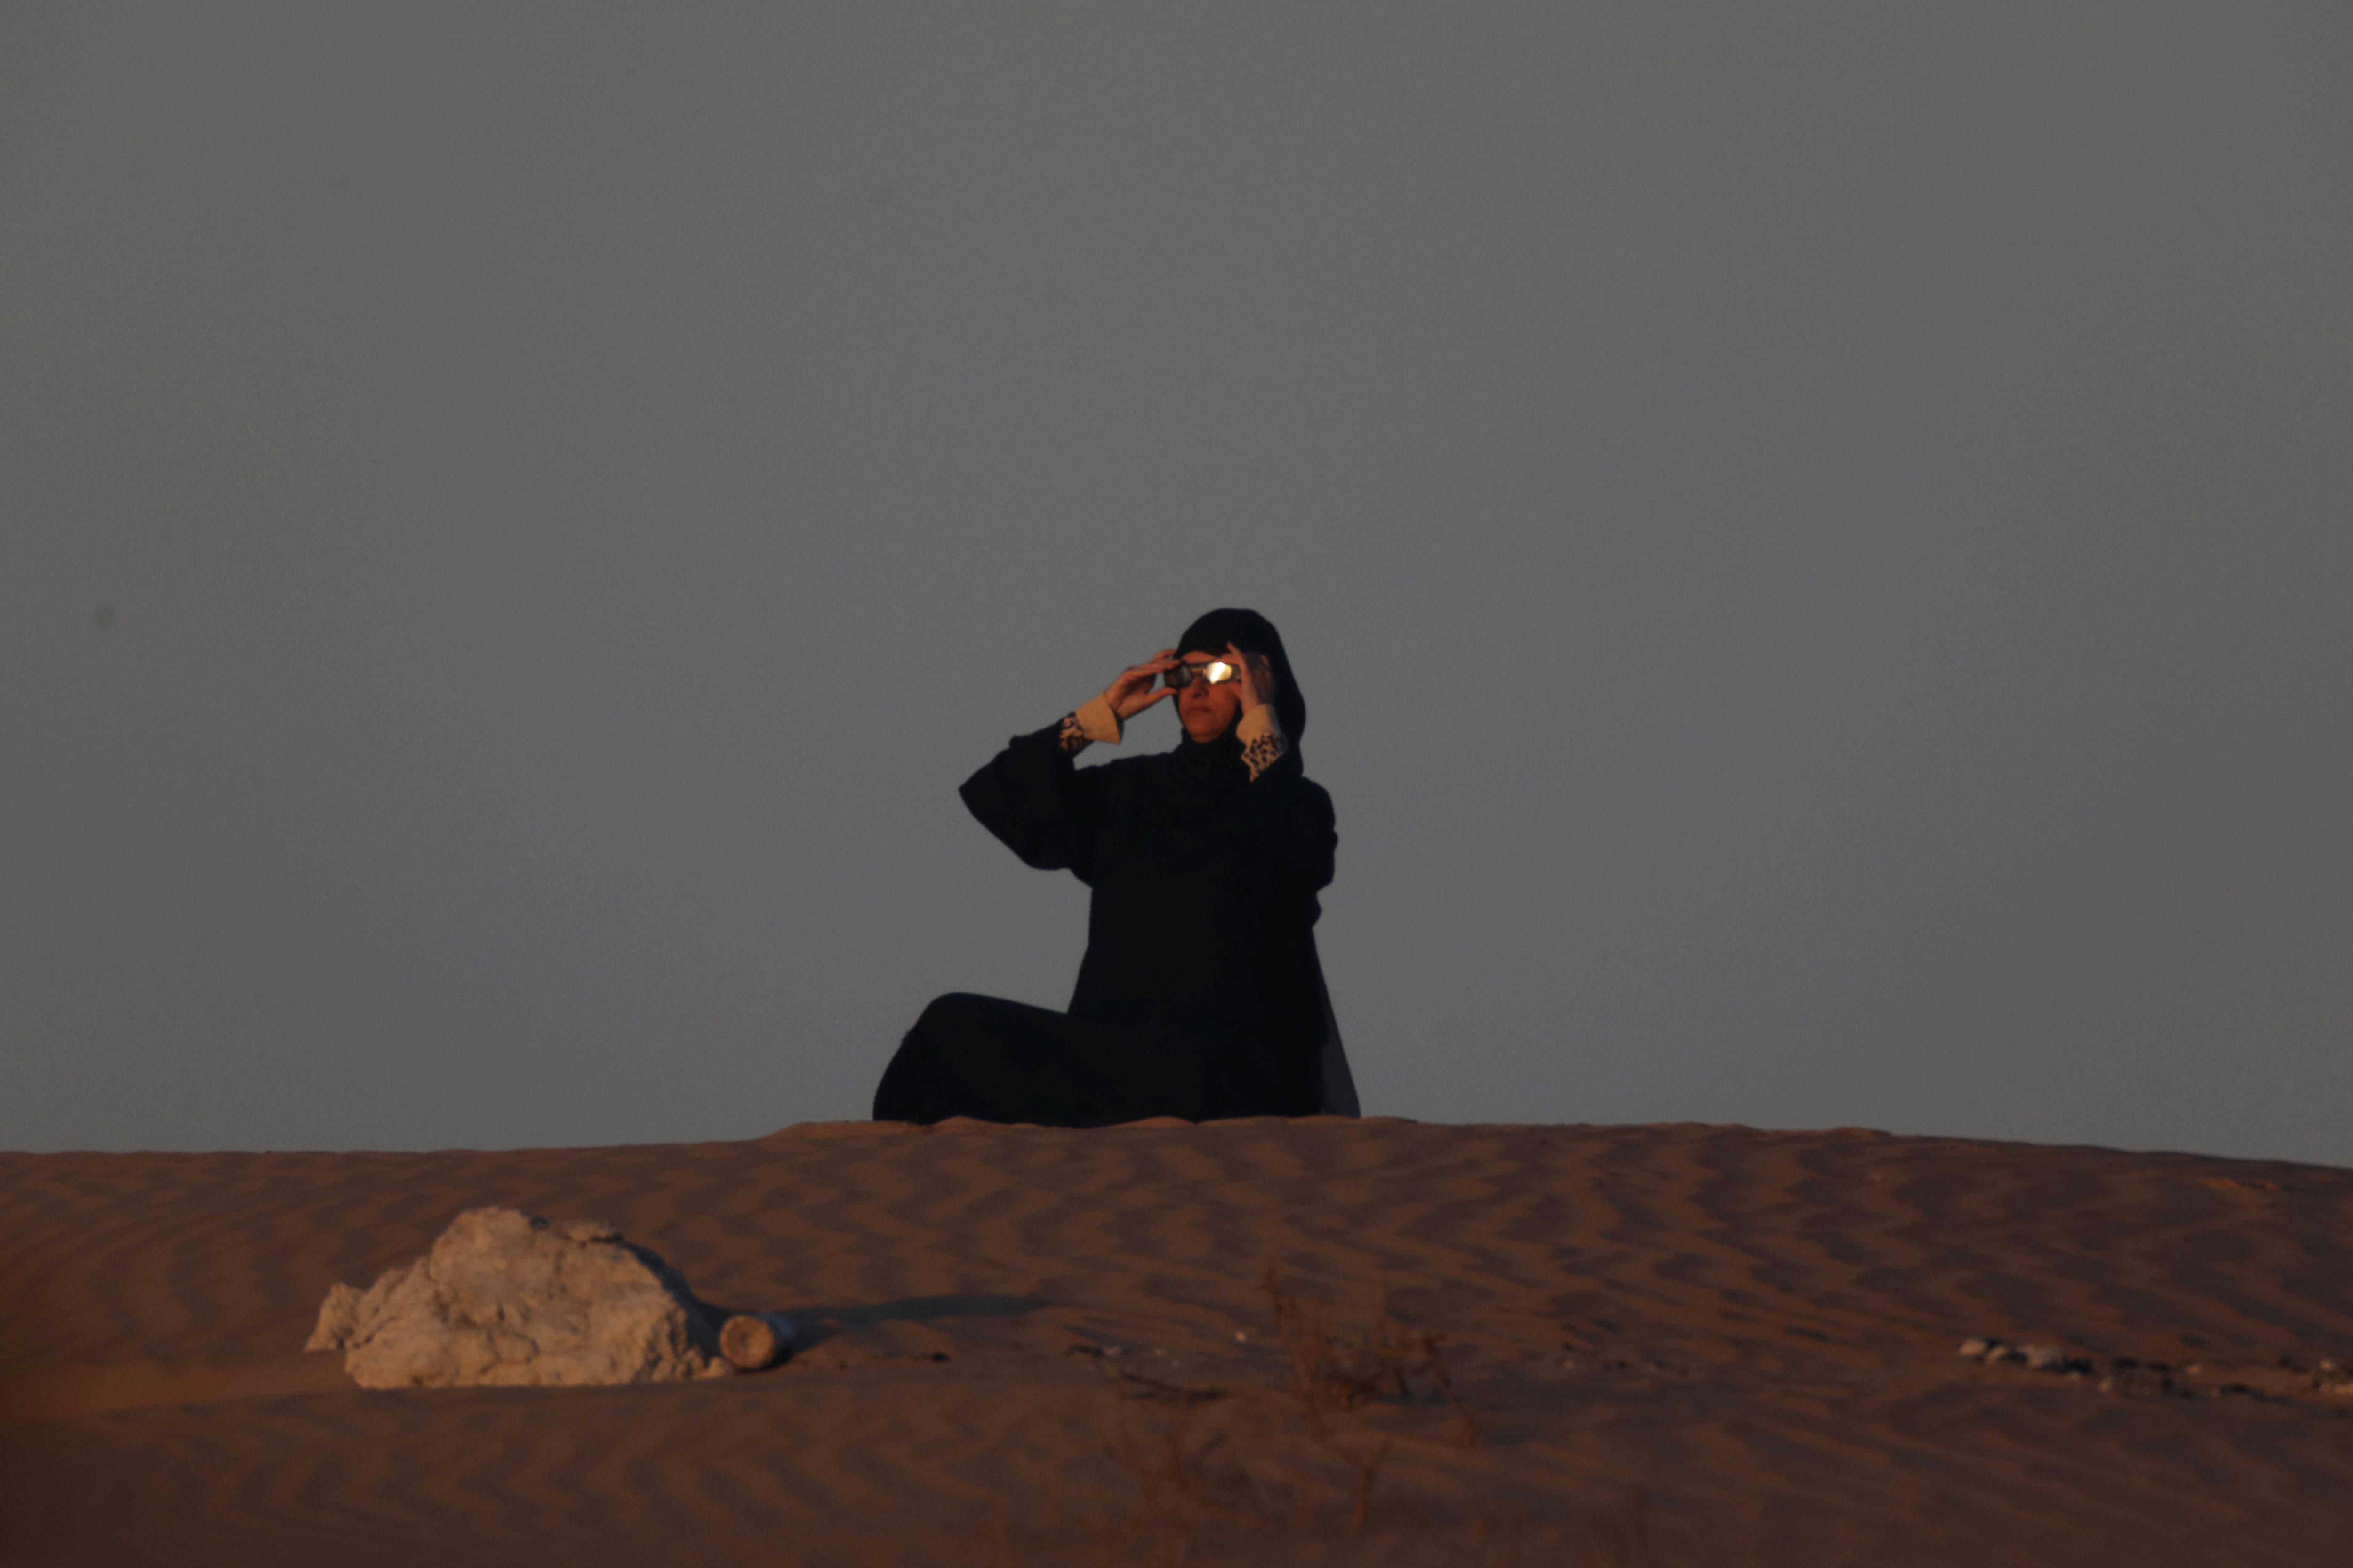 আবুধাবি থেকে সূর্যগ্রহণ দেখছেন এমিরেটস নিবাসী এক মহিলা (REUTERS)